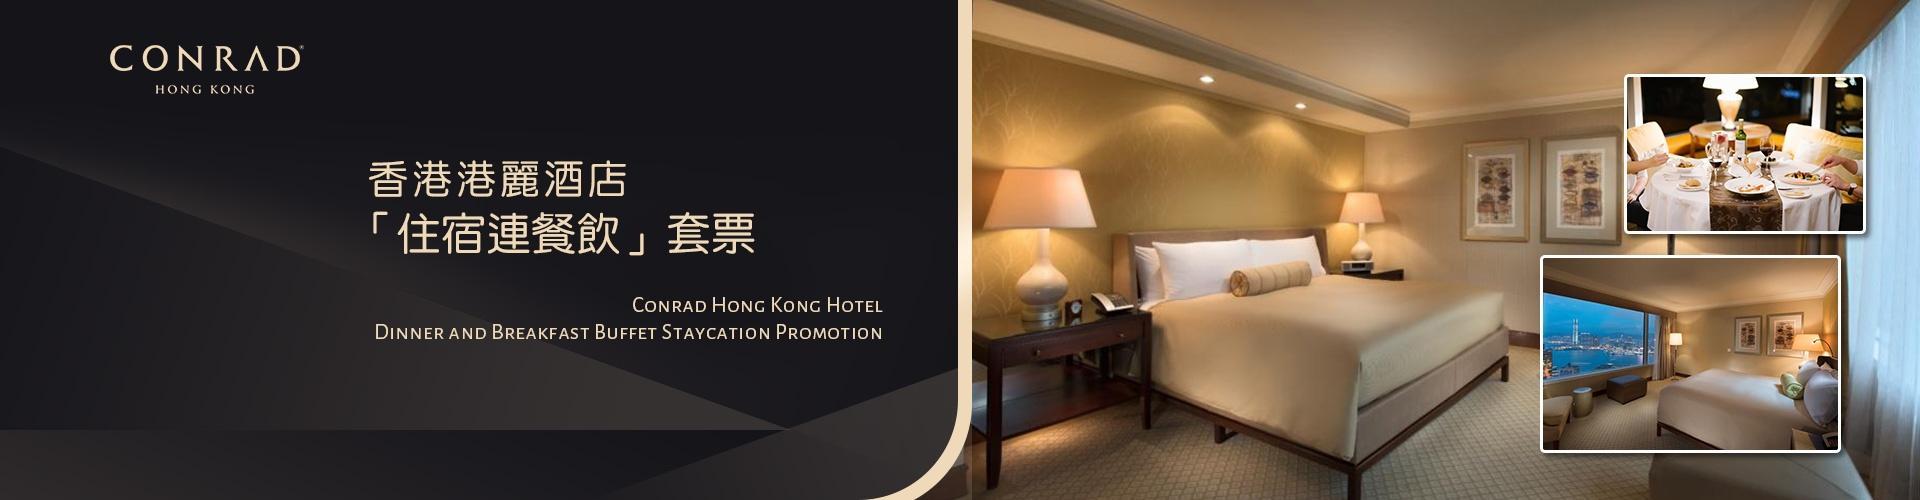 香港港麗酒店「住宿連餐飲」套票 (自助早餐及4道菜晚餐)